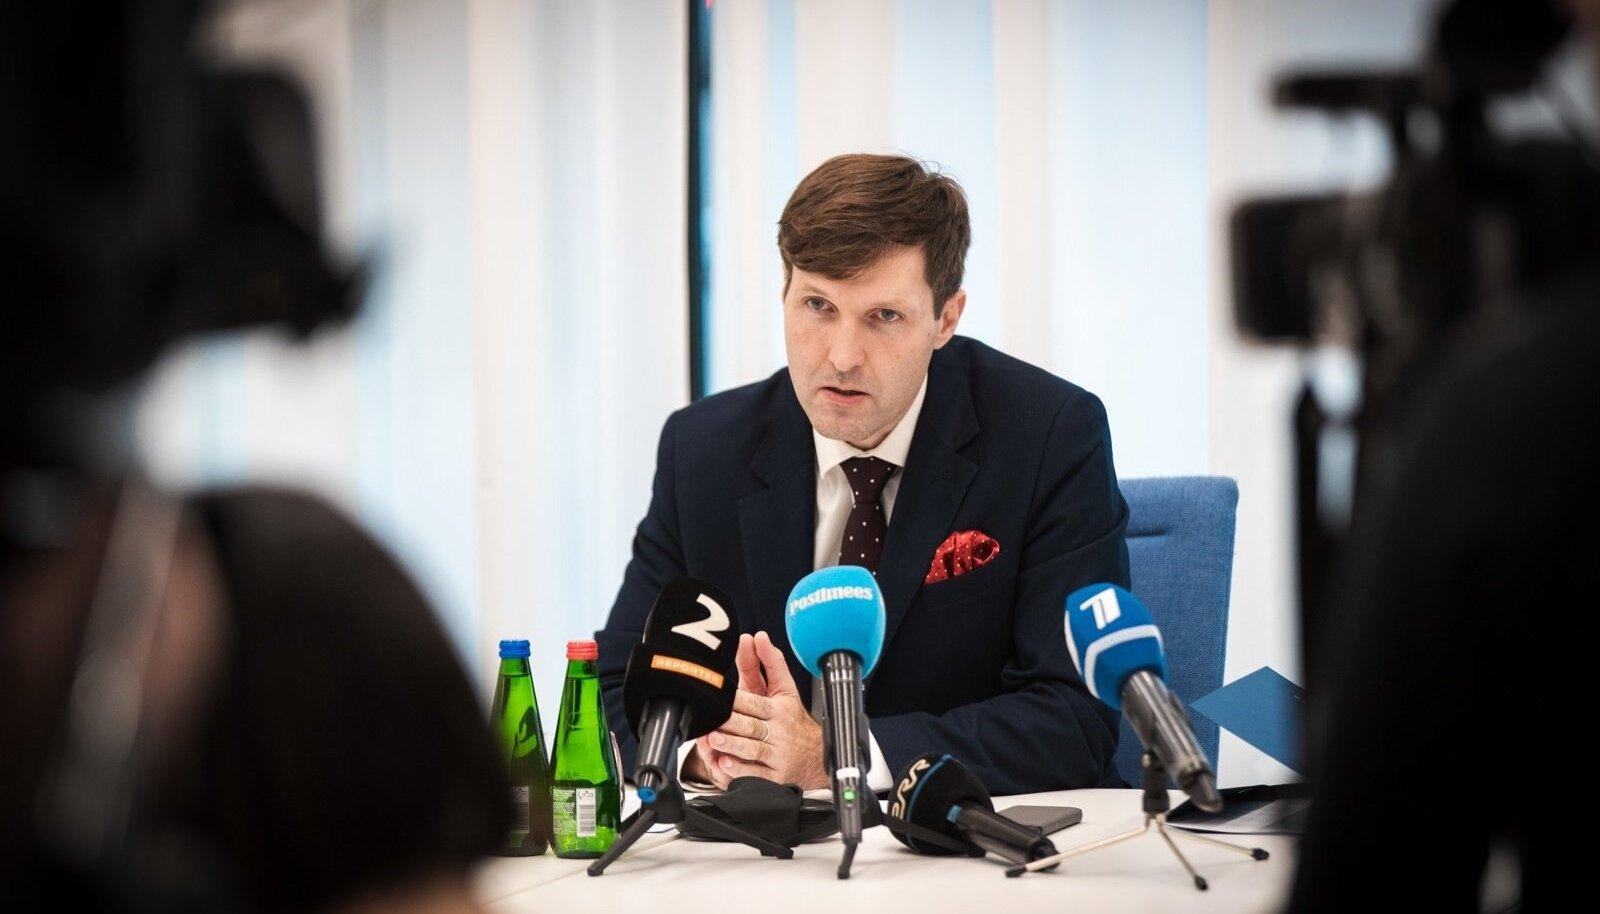 Martin Helme kutsus oktoobris pärast USA-s käiku kokku pressikonverentsi, kus rääkis, kuidas Eesti riik võiks Danske hiigeltrahvidest oma osa saada.